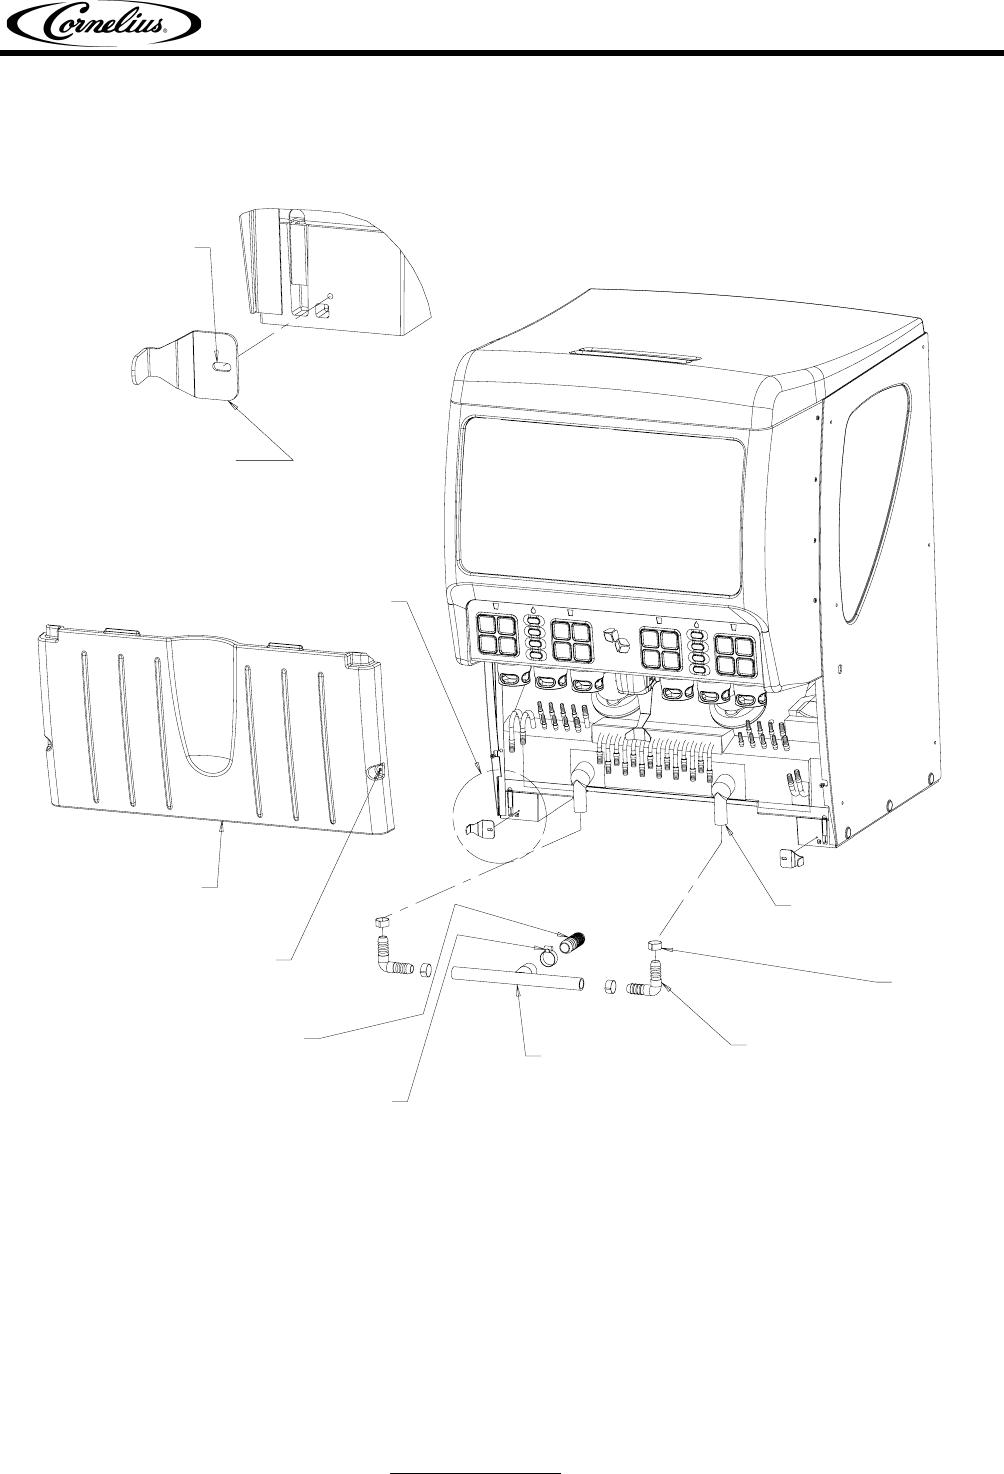 Cornelius Beverage Dispenser 255 User Guide